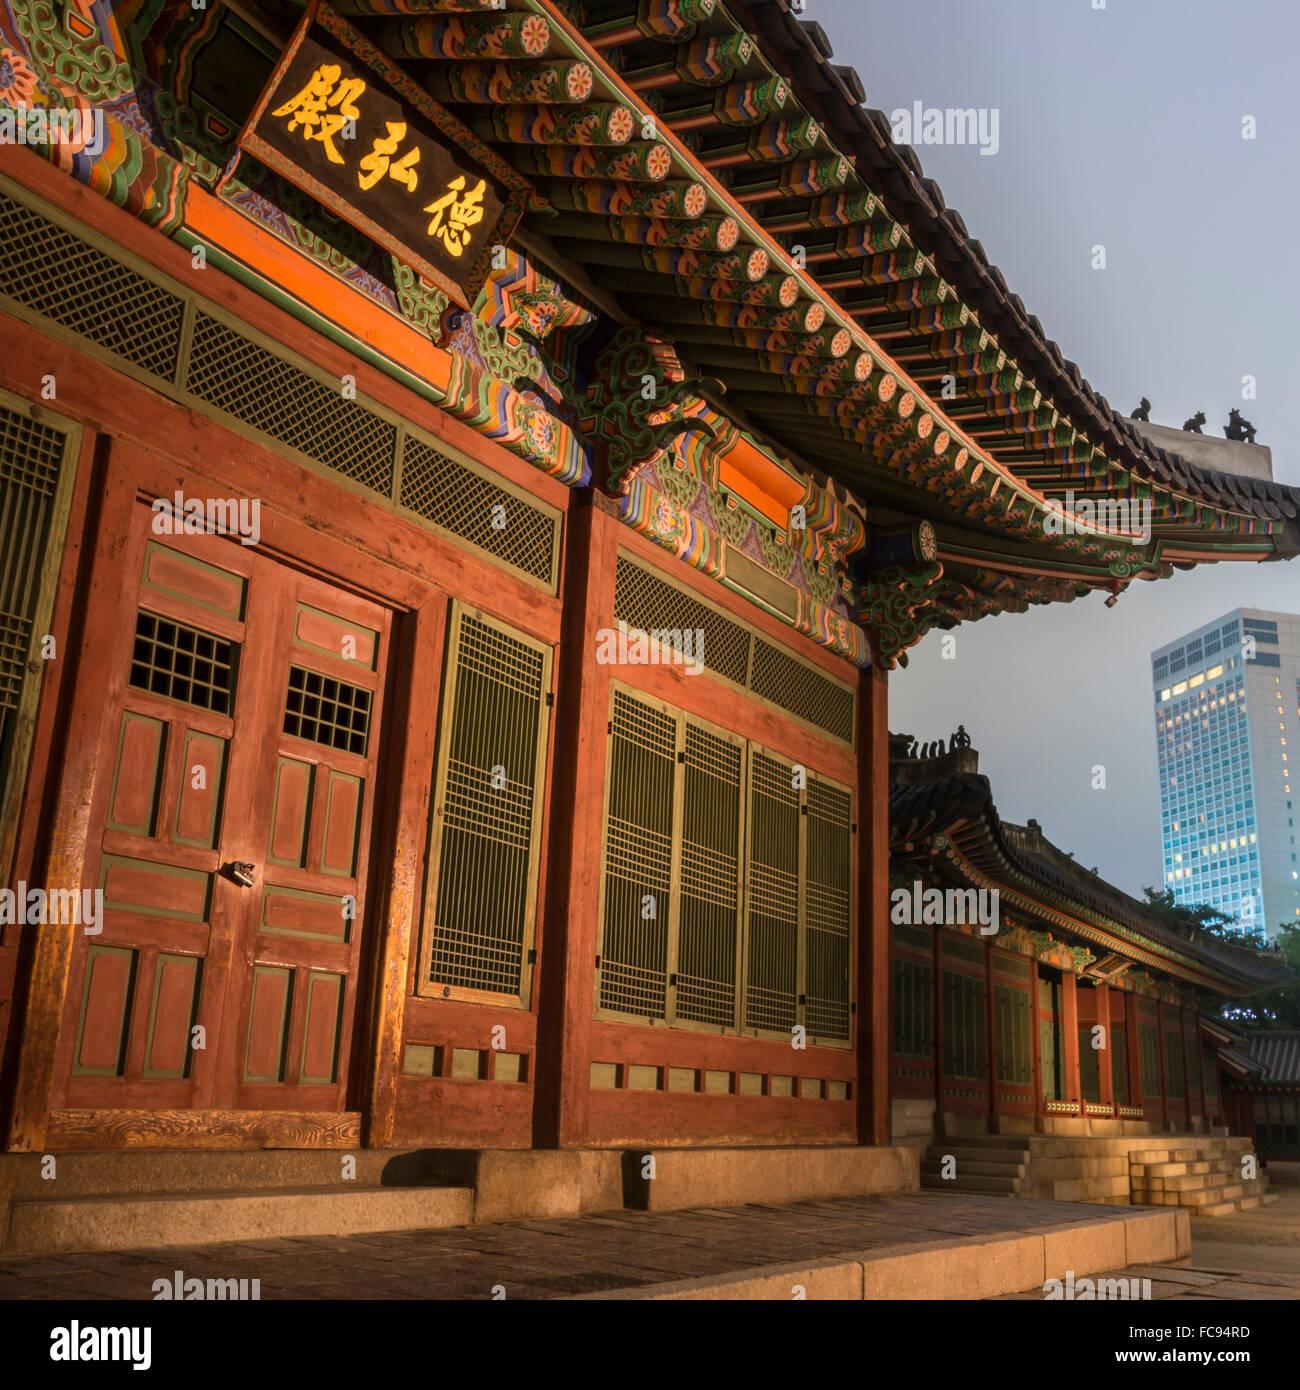 Deoksugung Palast, traditionelle koreanische Gebäude, beleuchtet in der Dämmerung, mit modernen Gebäude Stockbild